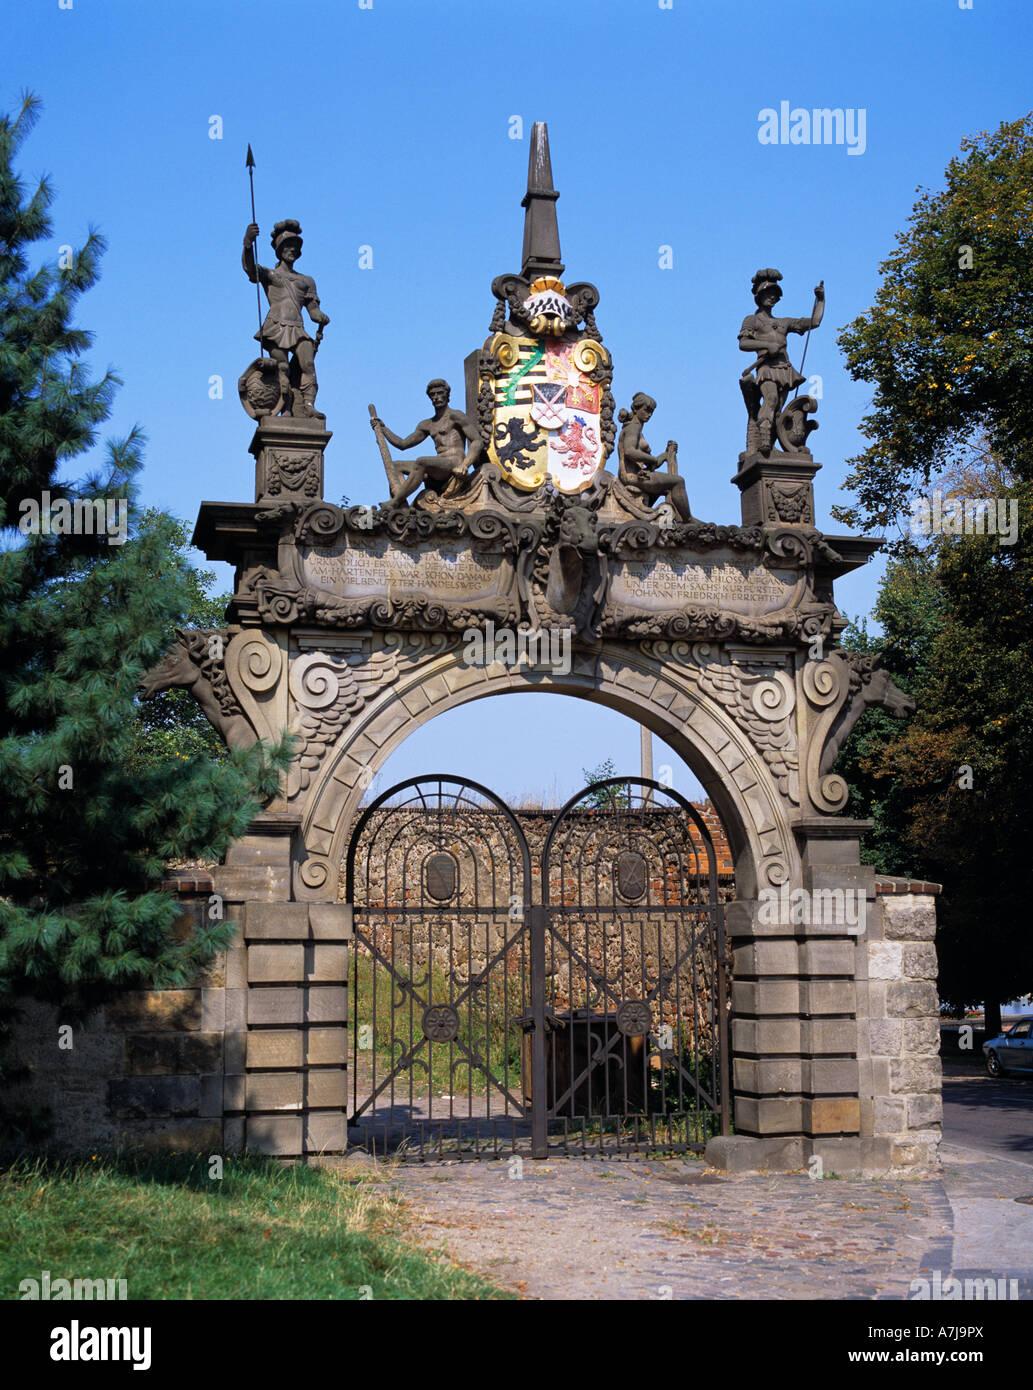 Renaissanceschloss Hartenfels in Torgau an der Elbe in Sachsen, Tordurchgang, Portal, Wappenfries Stock Photo